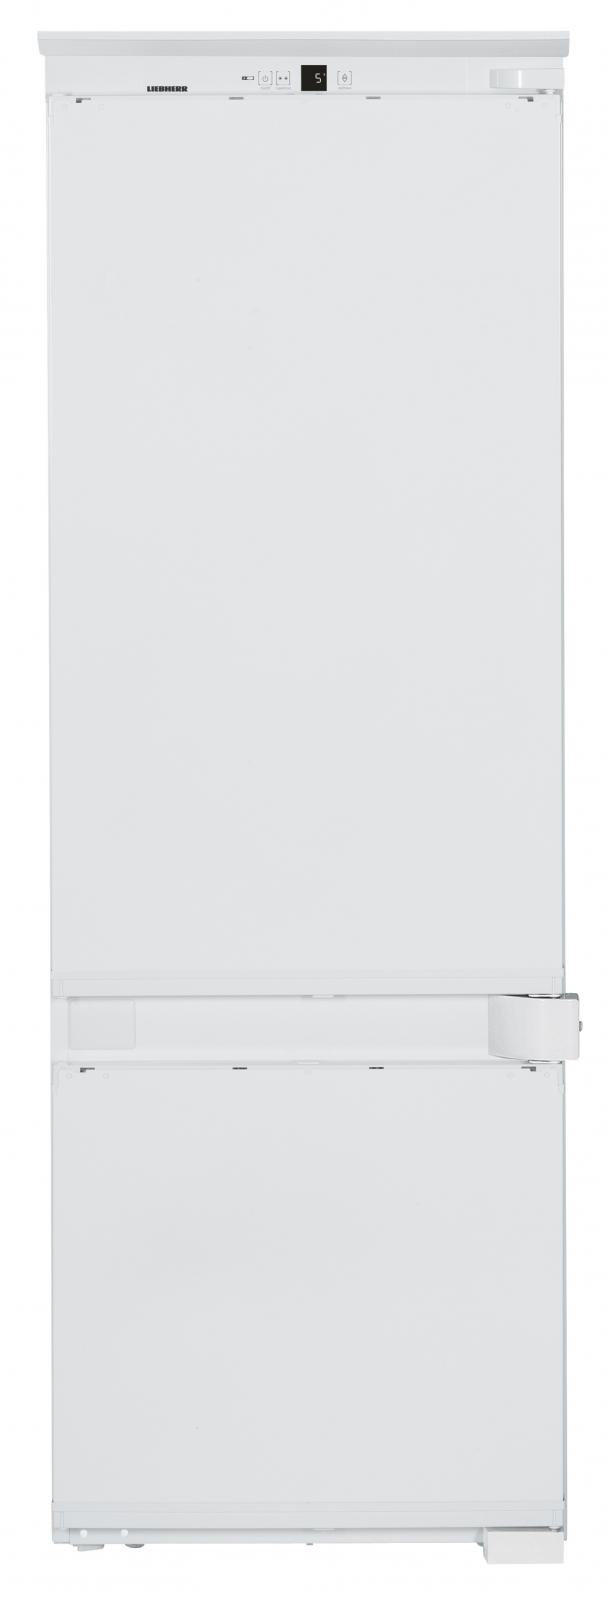 купить Встраиваемый двухкамерный холодильник Liebherr ICUS 2924 Украина фото 3